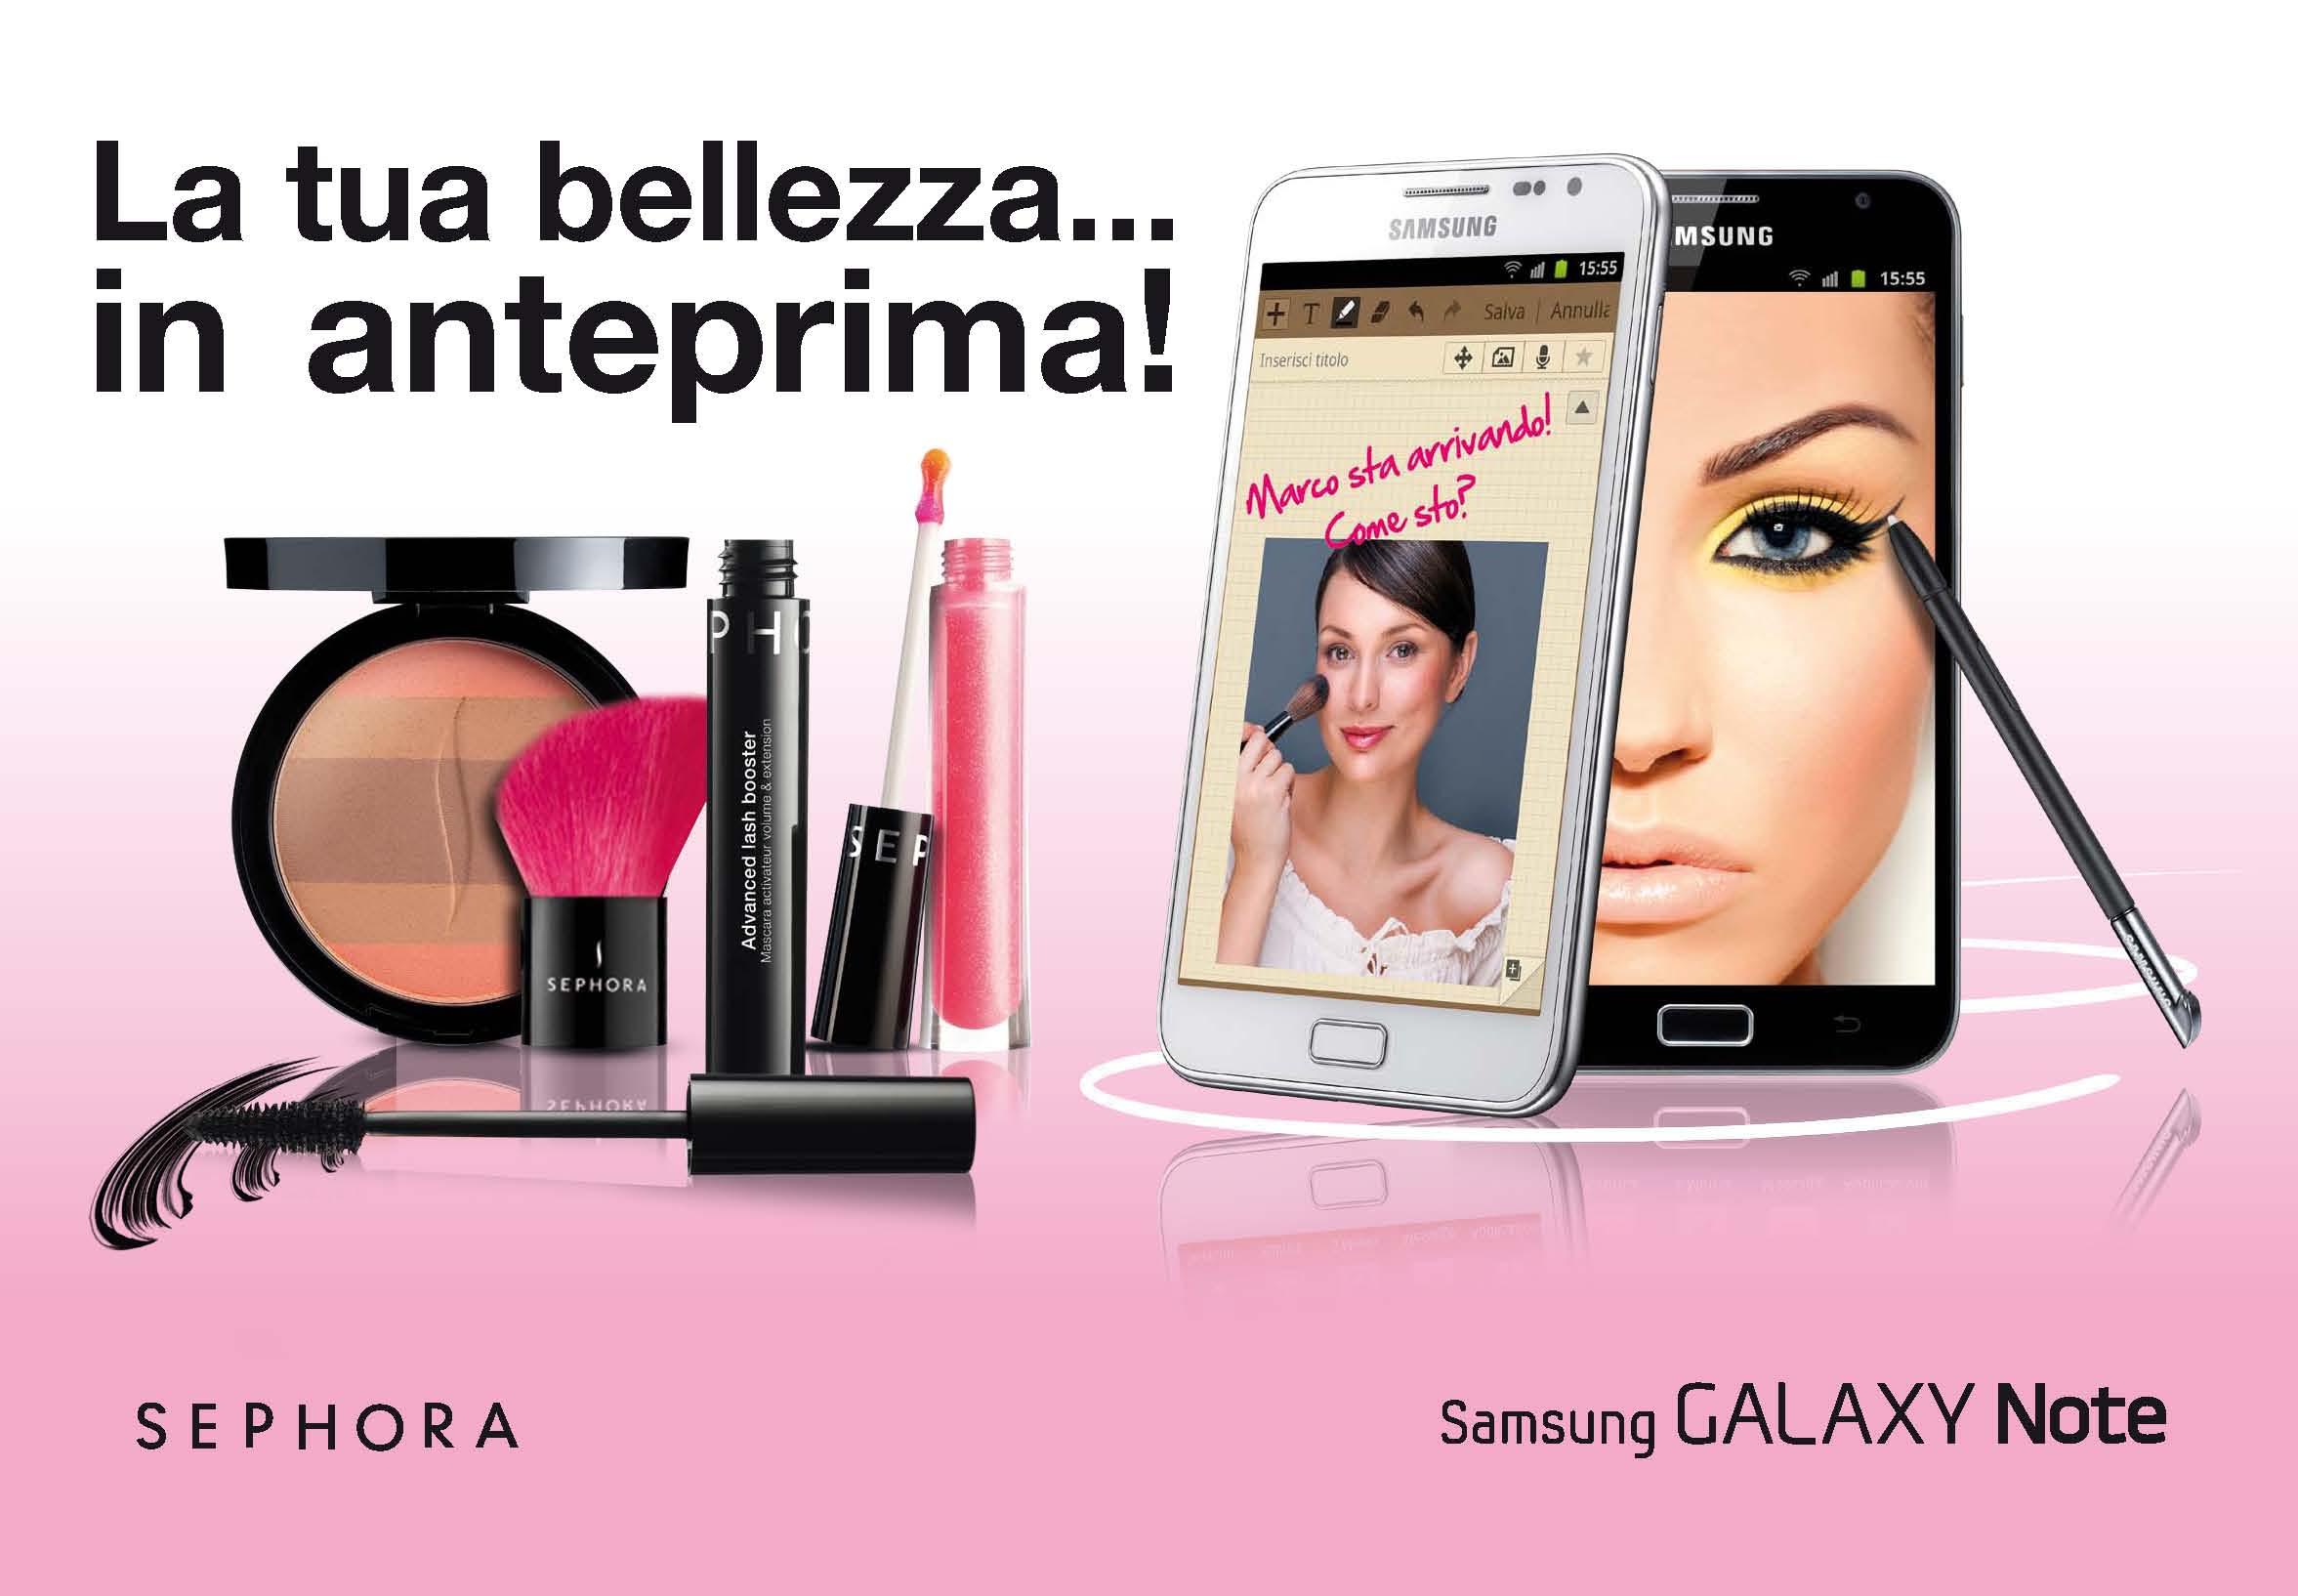 MissDroid| Samsung e Sephora si uniscono per offrire alle donne un Make-up tecnologico